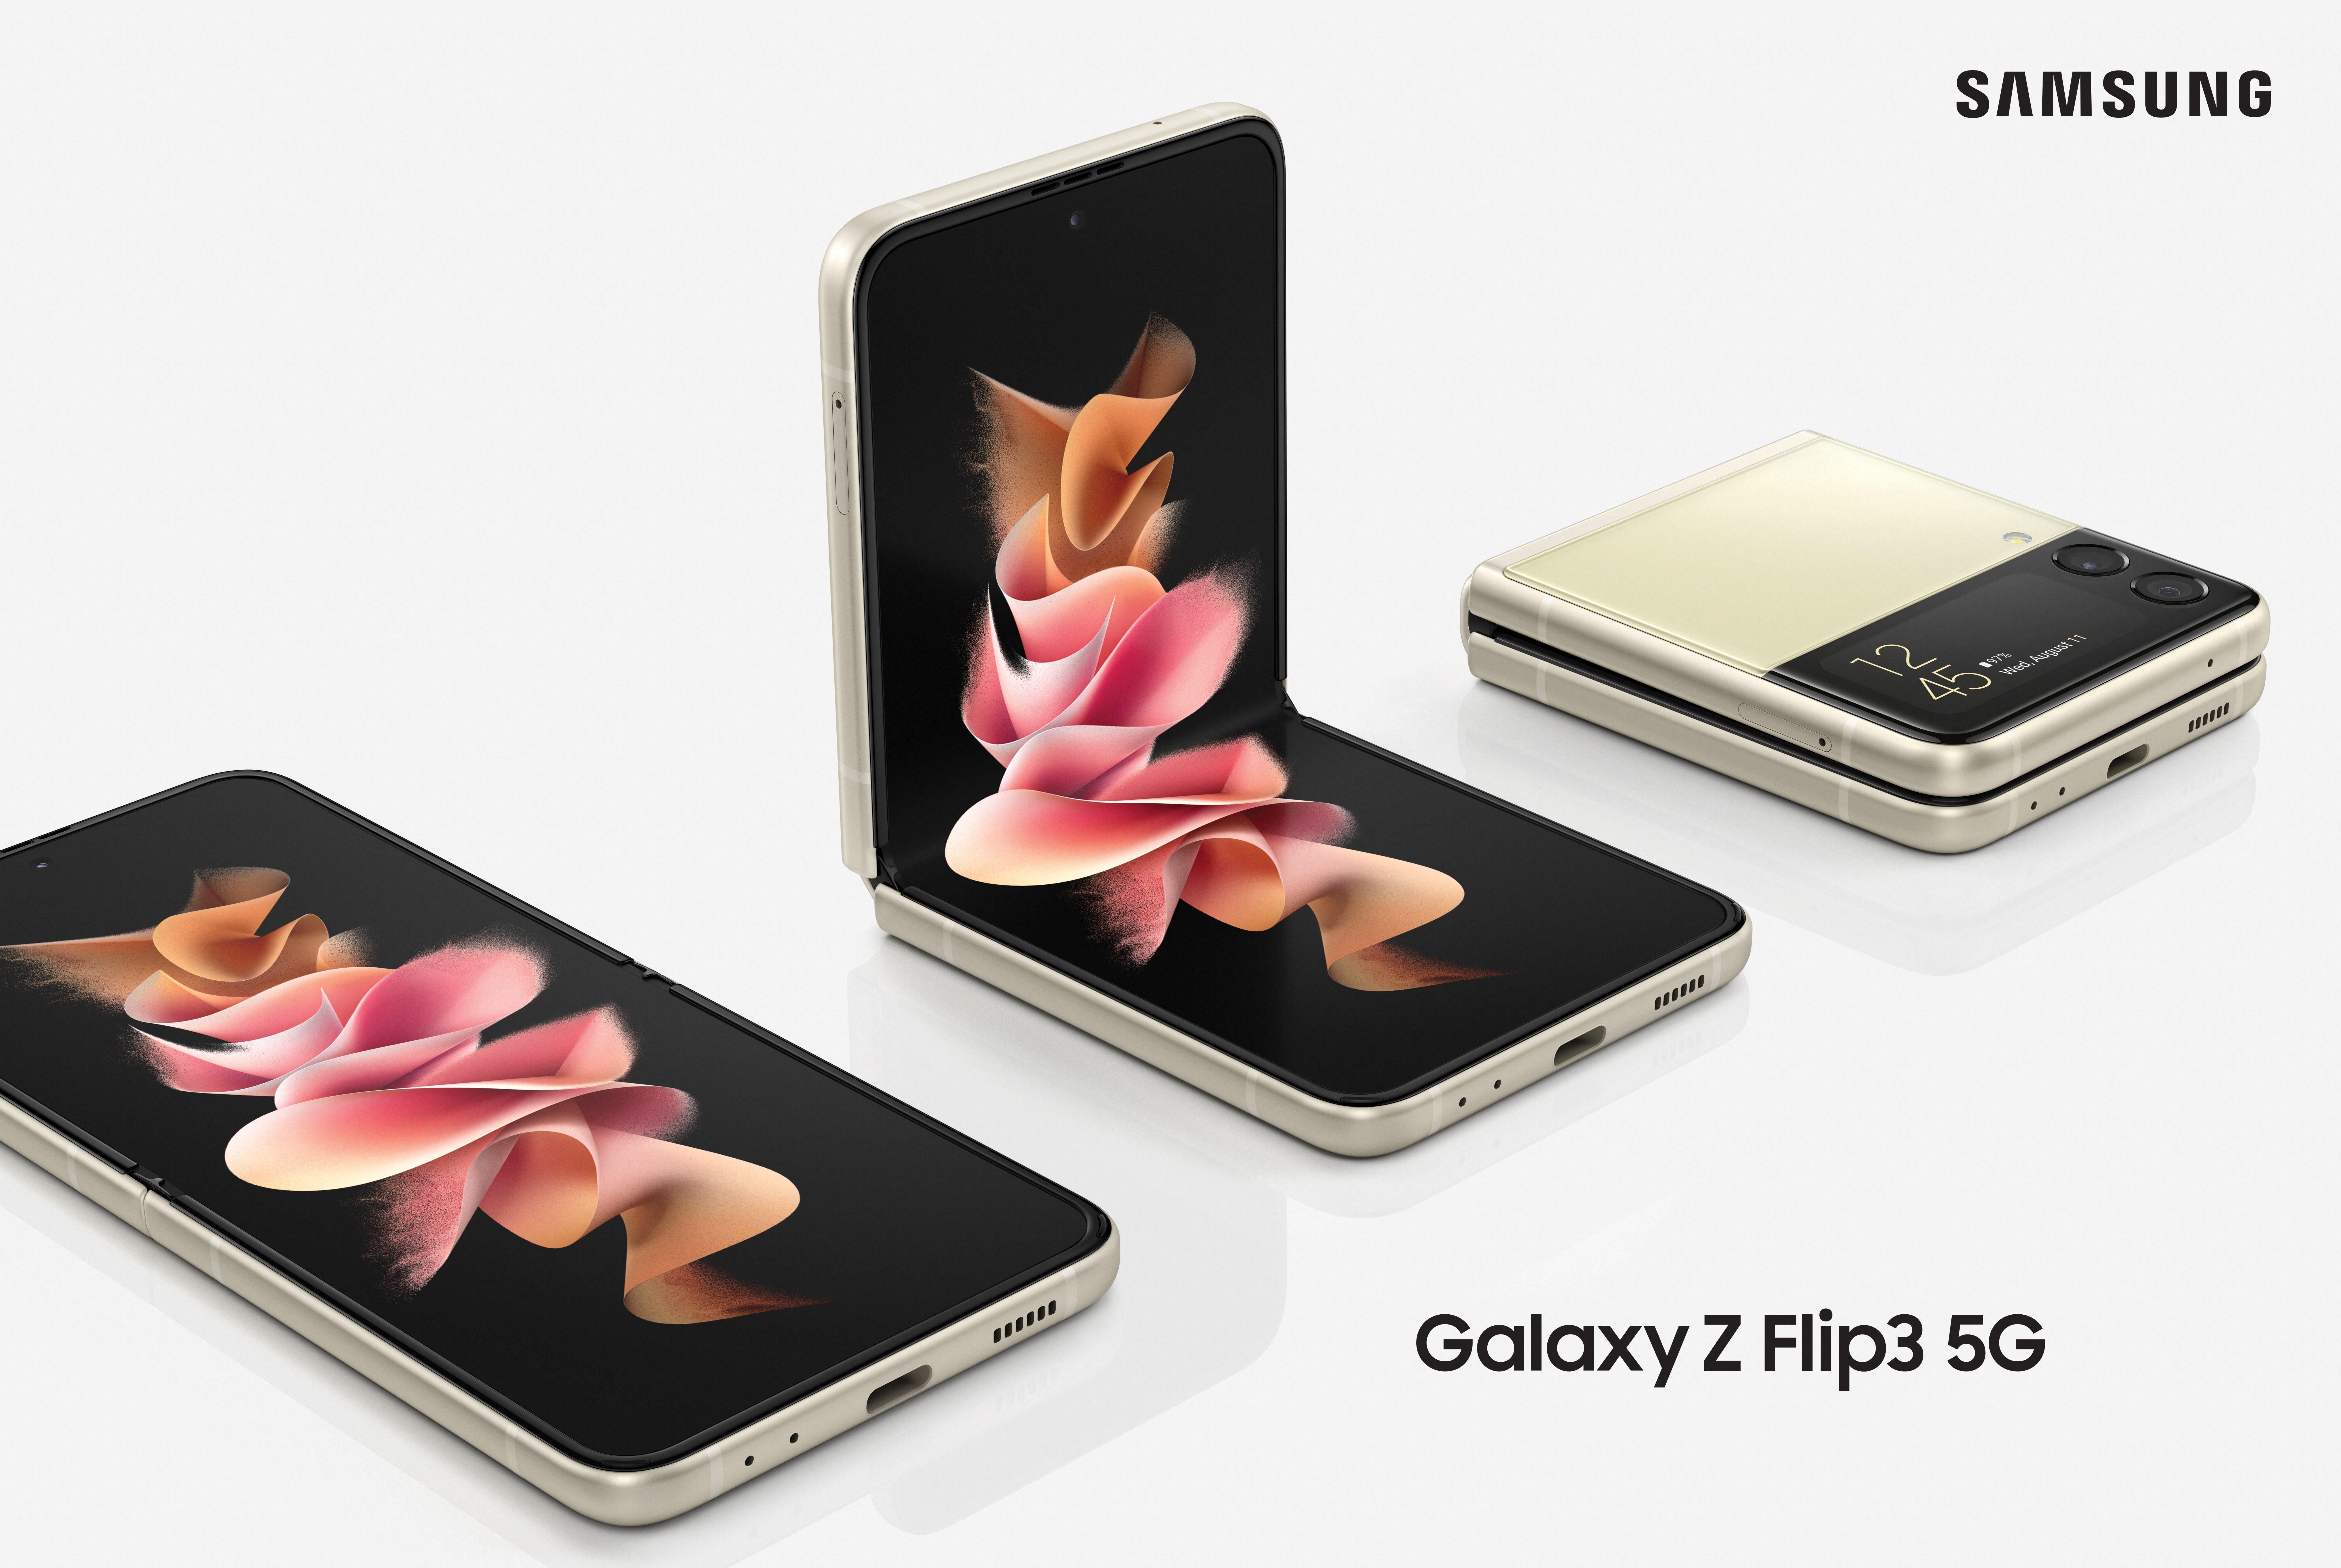 Galaxy Z Flip 3 caracteristicas